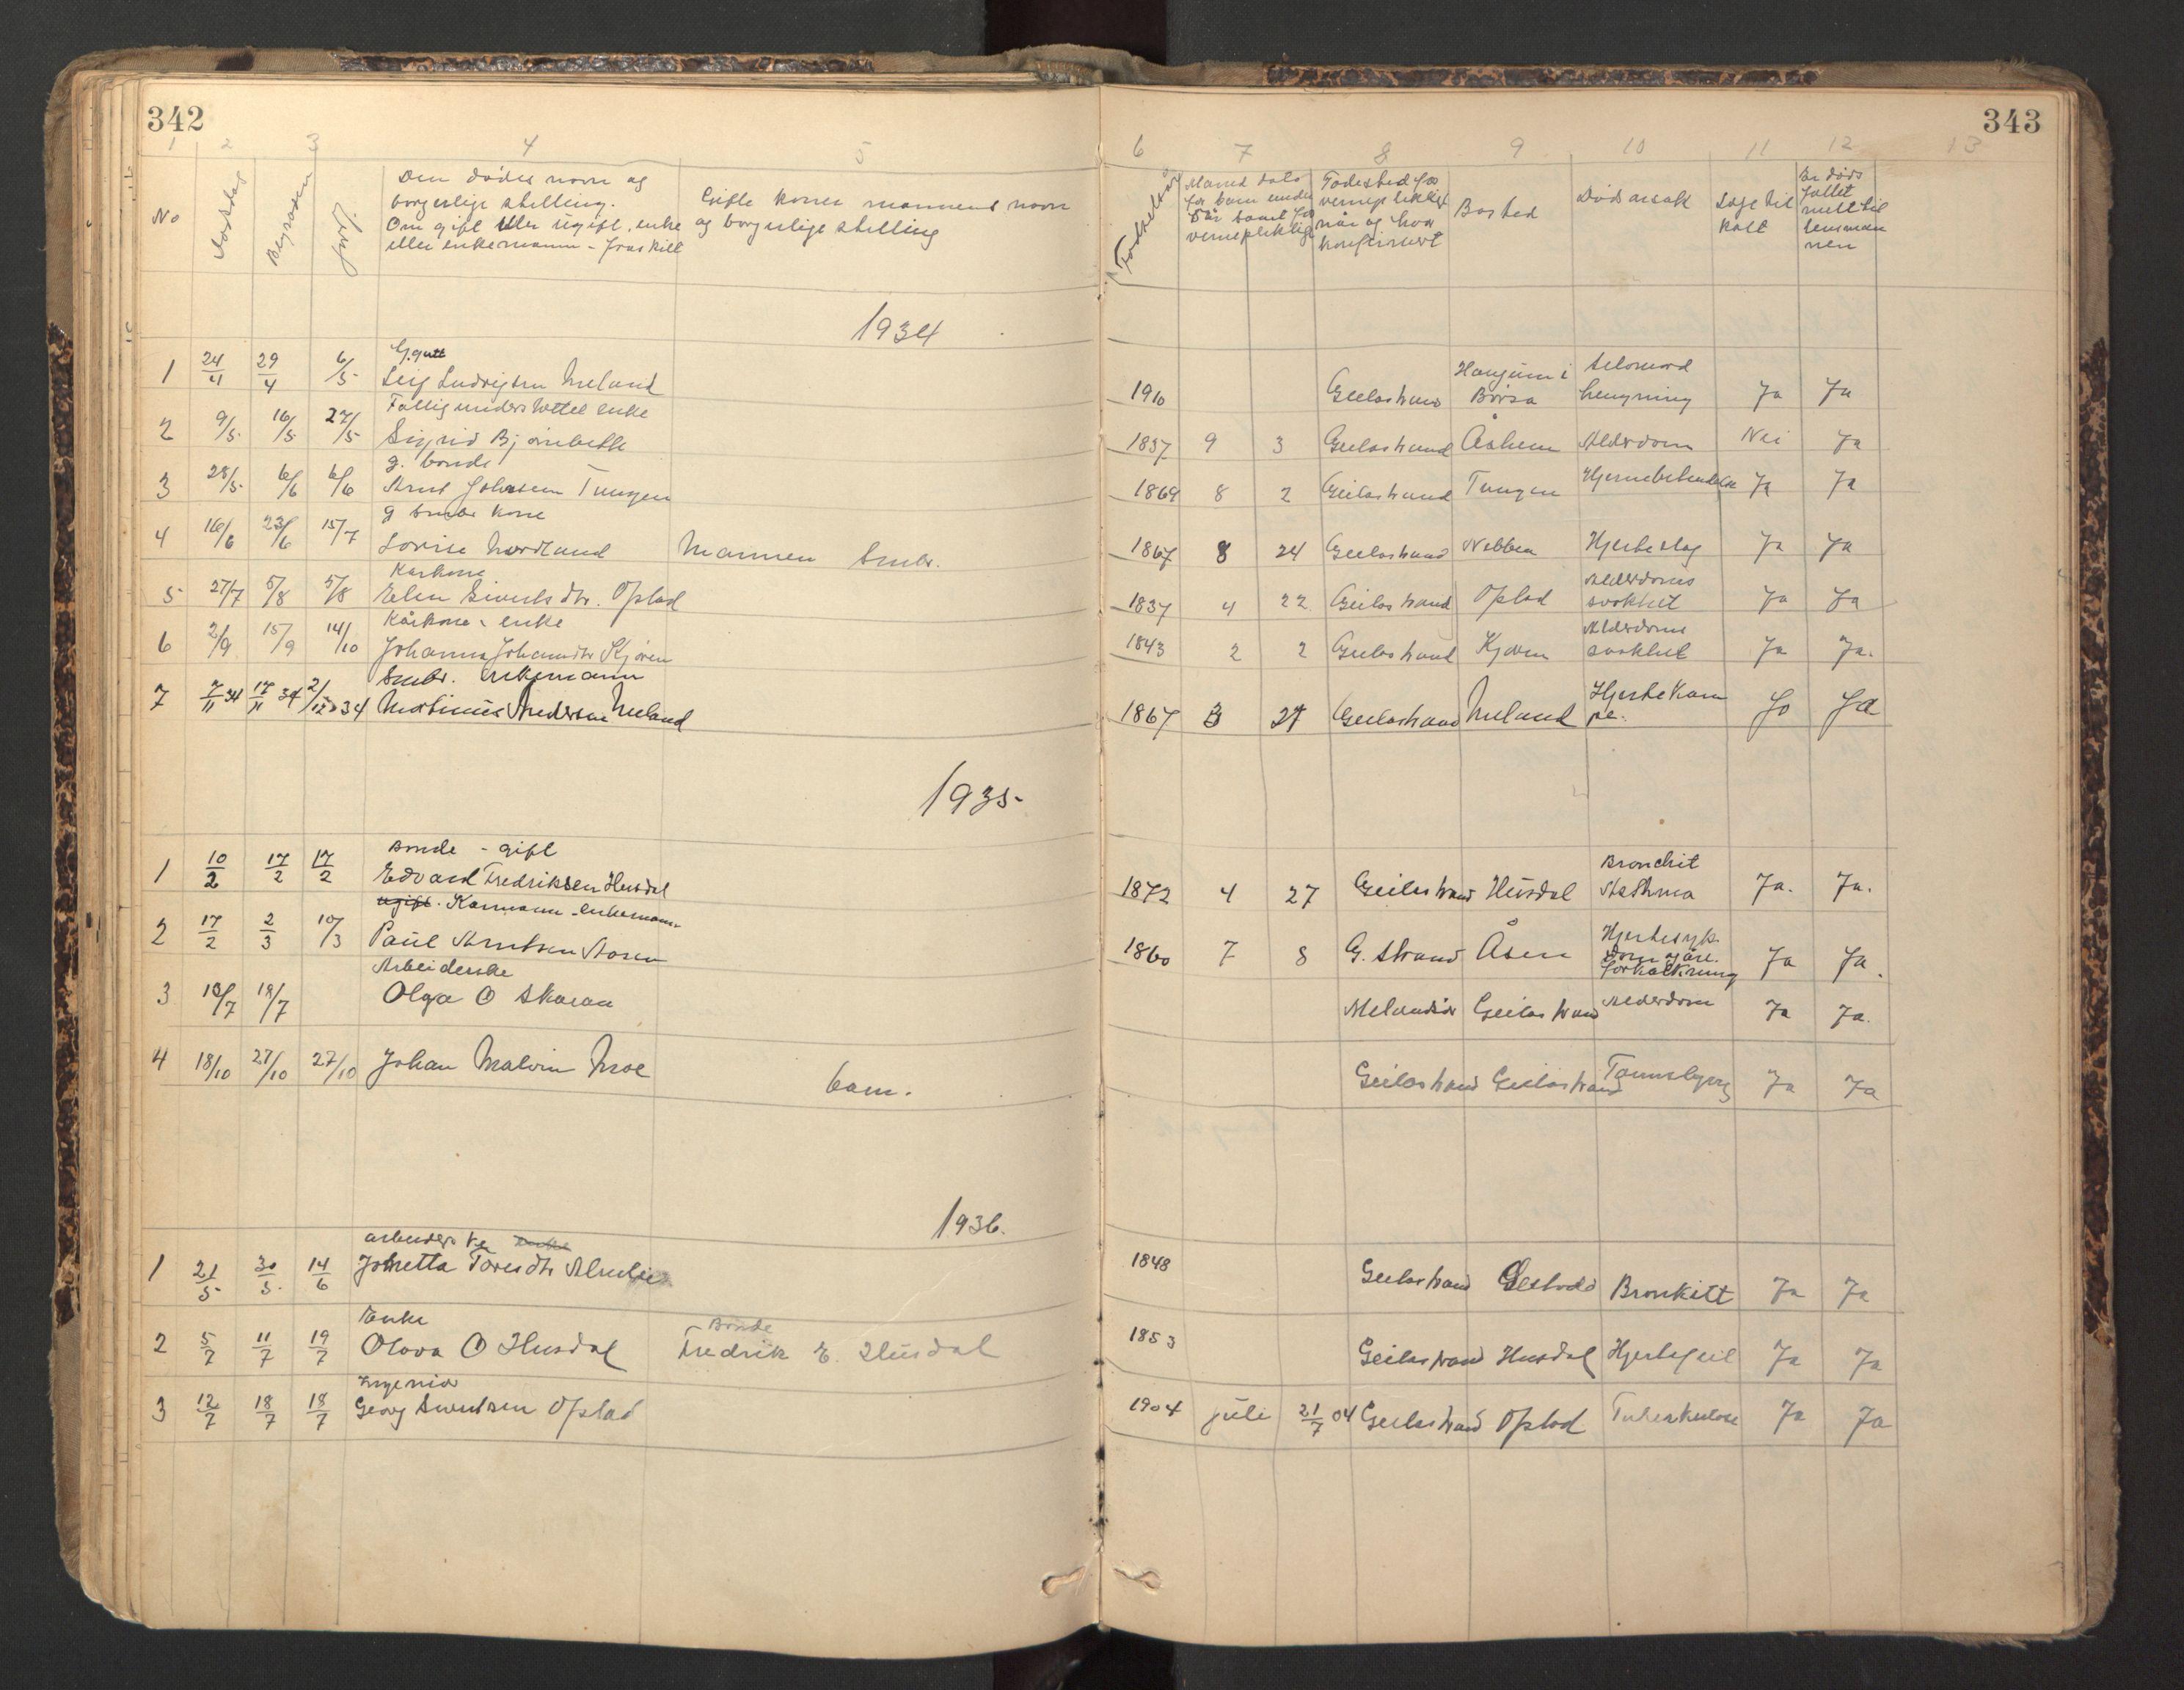 SAT, Ministerialprotokoller, klokkerbøker og fødselsregistre - Sør-Trøndelag, 670/L0837: Klokkerbok nr. 670C01, 1905-1946, s. 342-343